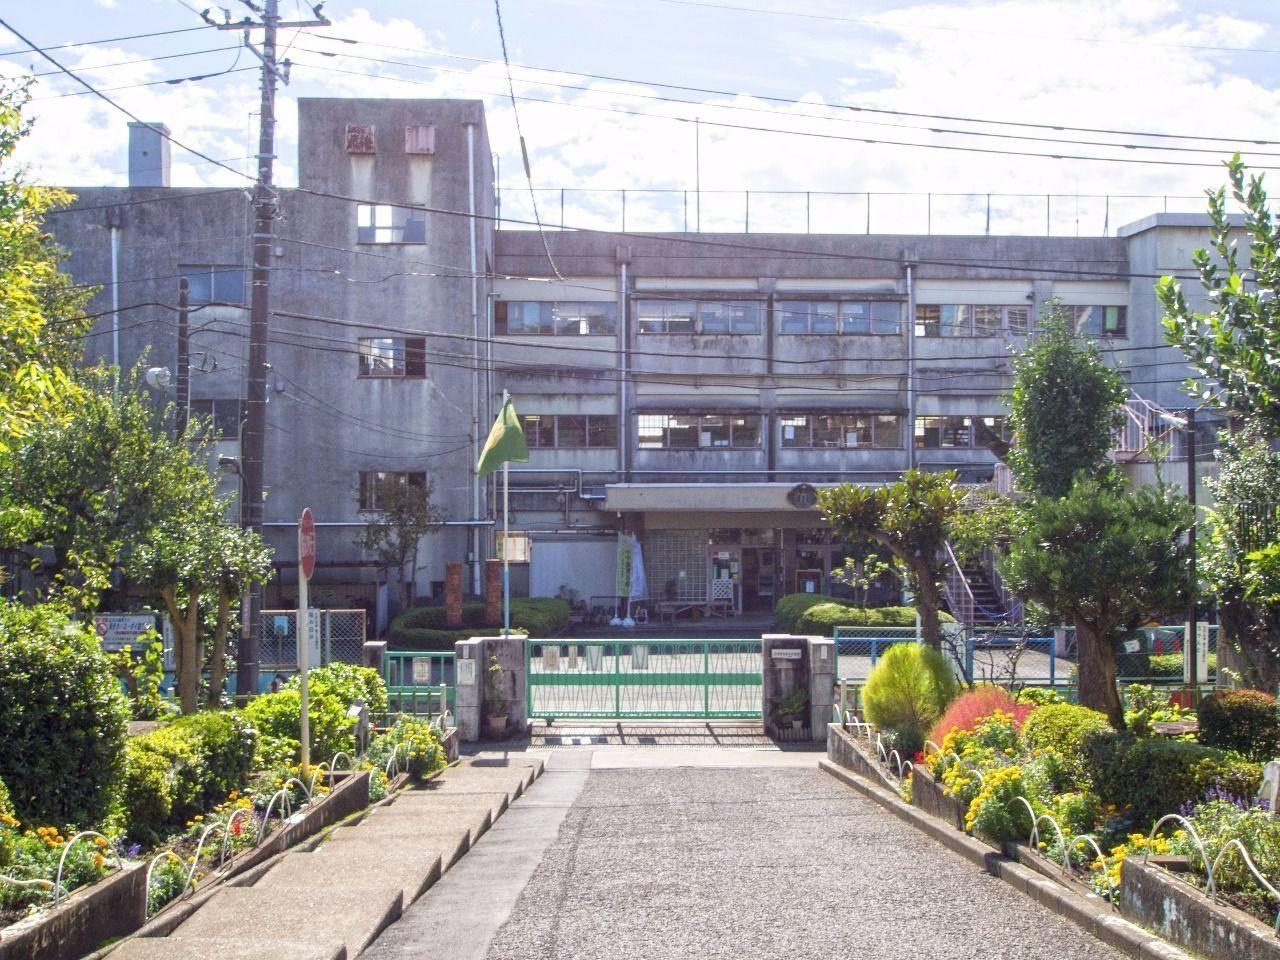 学区内の小学校。ソリドールから「約270m」